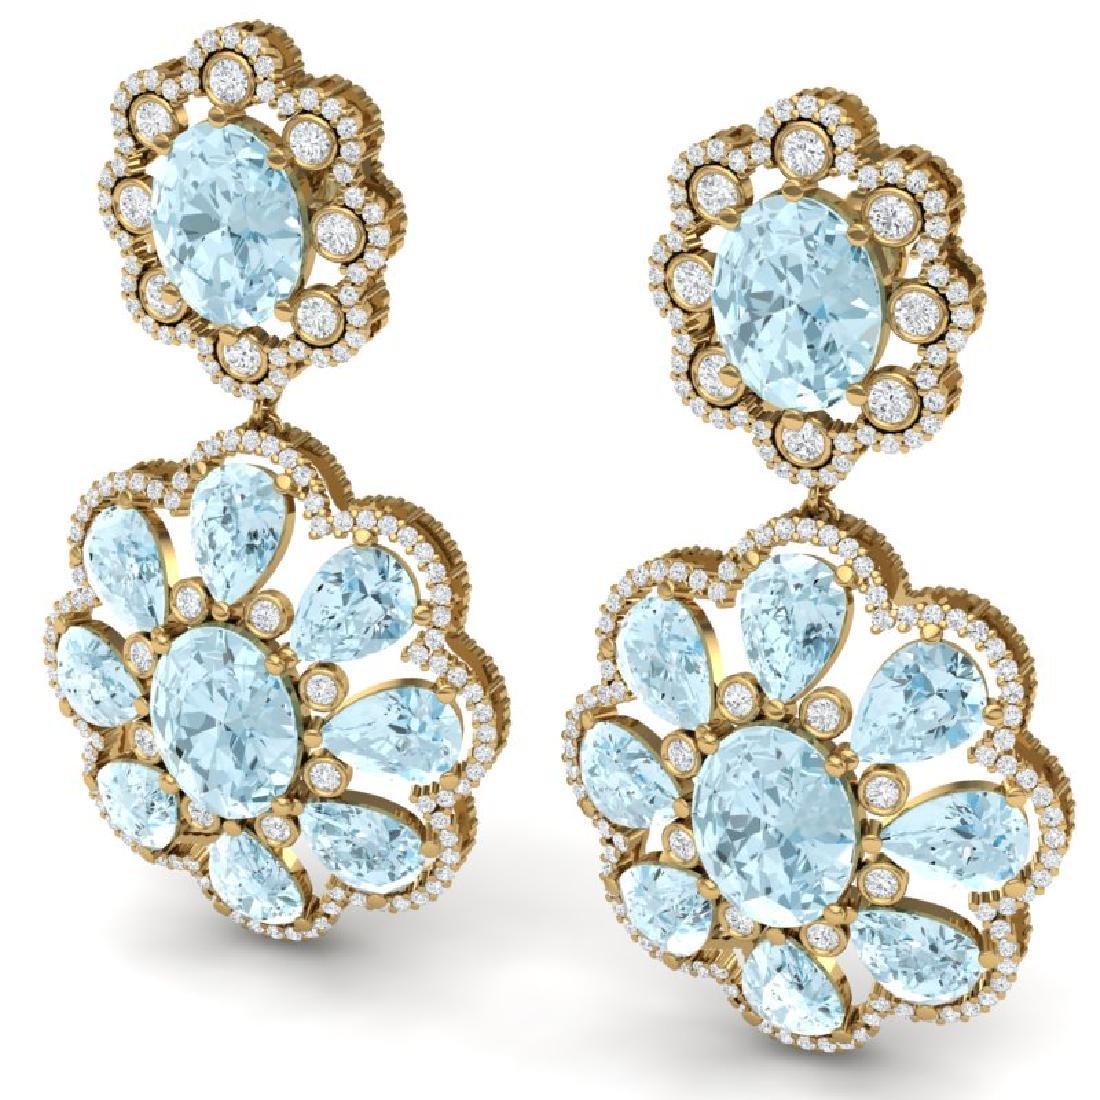 32.99 CTW Royalty Sky Topaz & VS Diamond Earrings 18K - 2